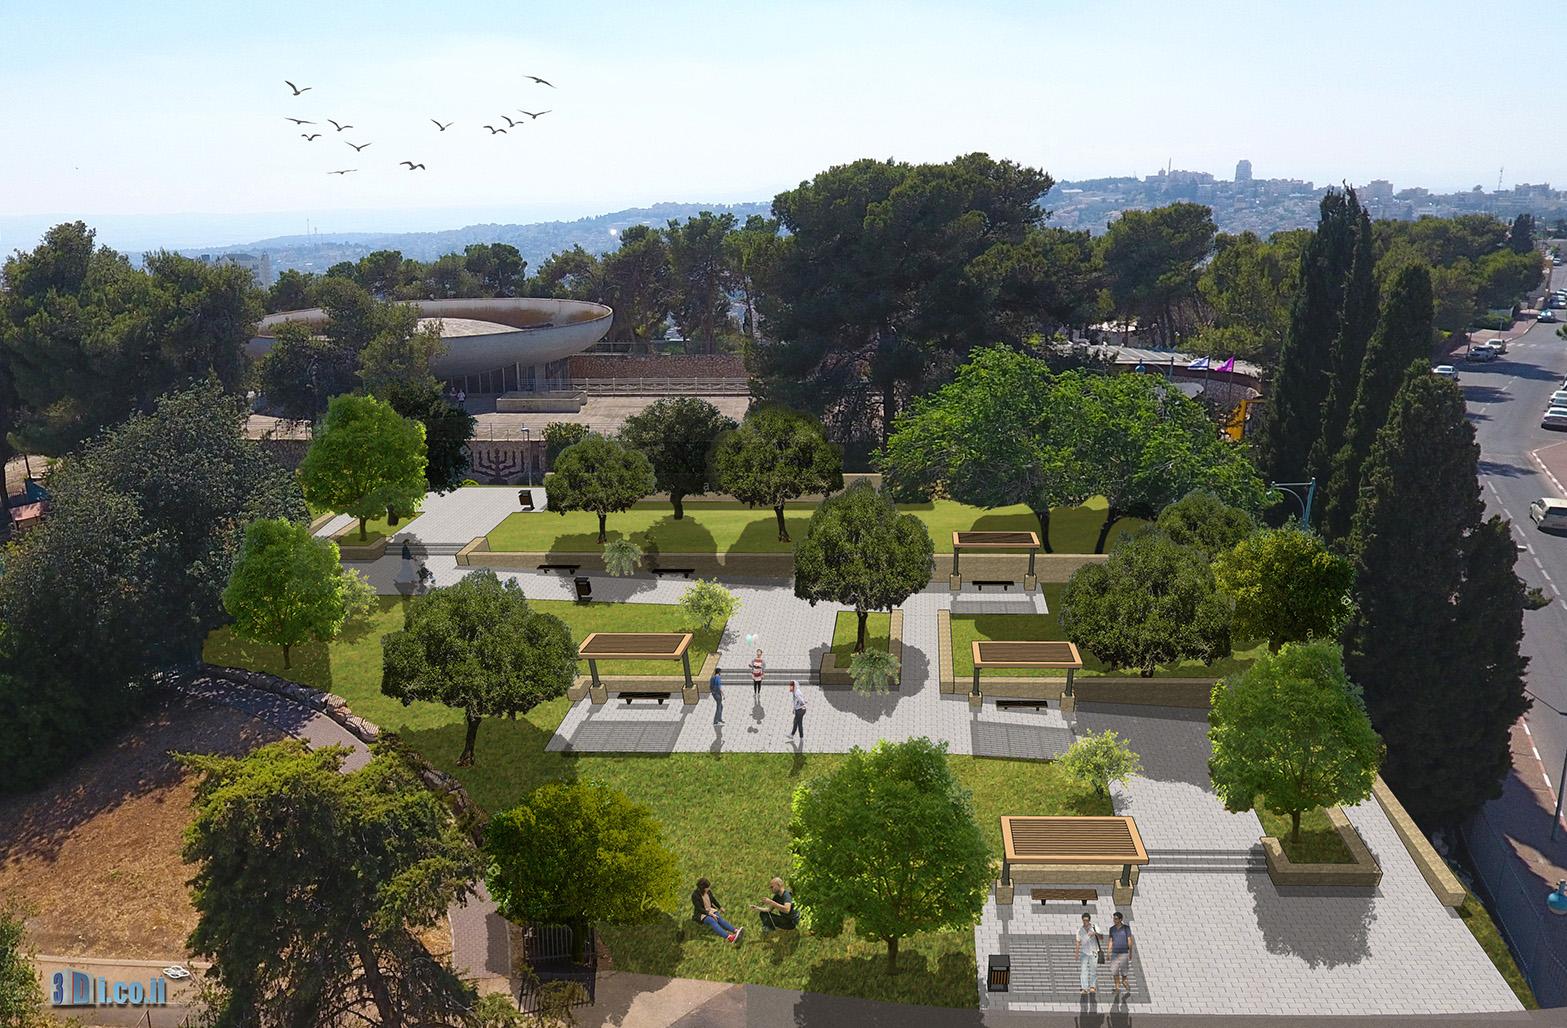 Landscape Architecture Proposal